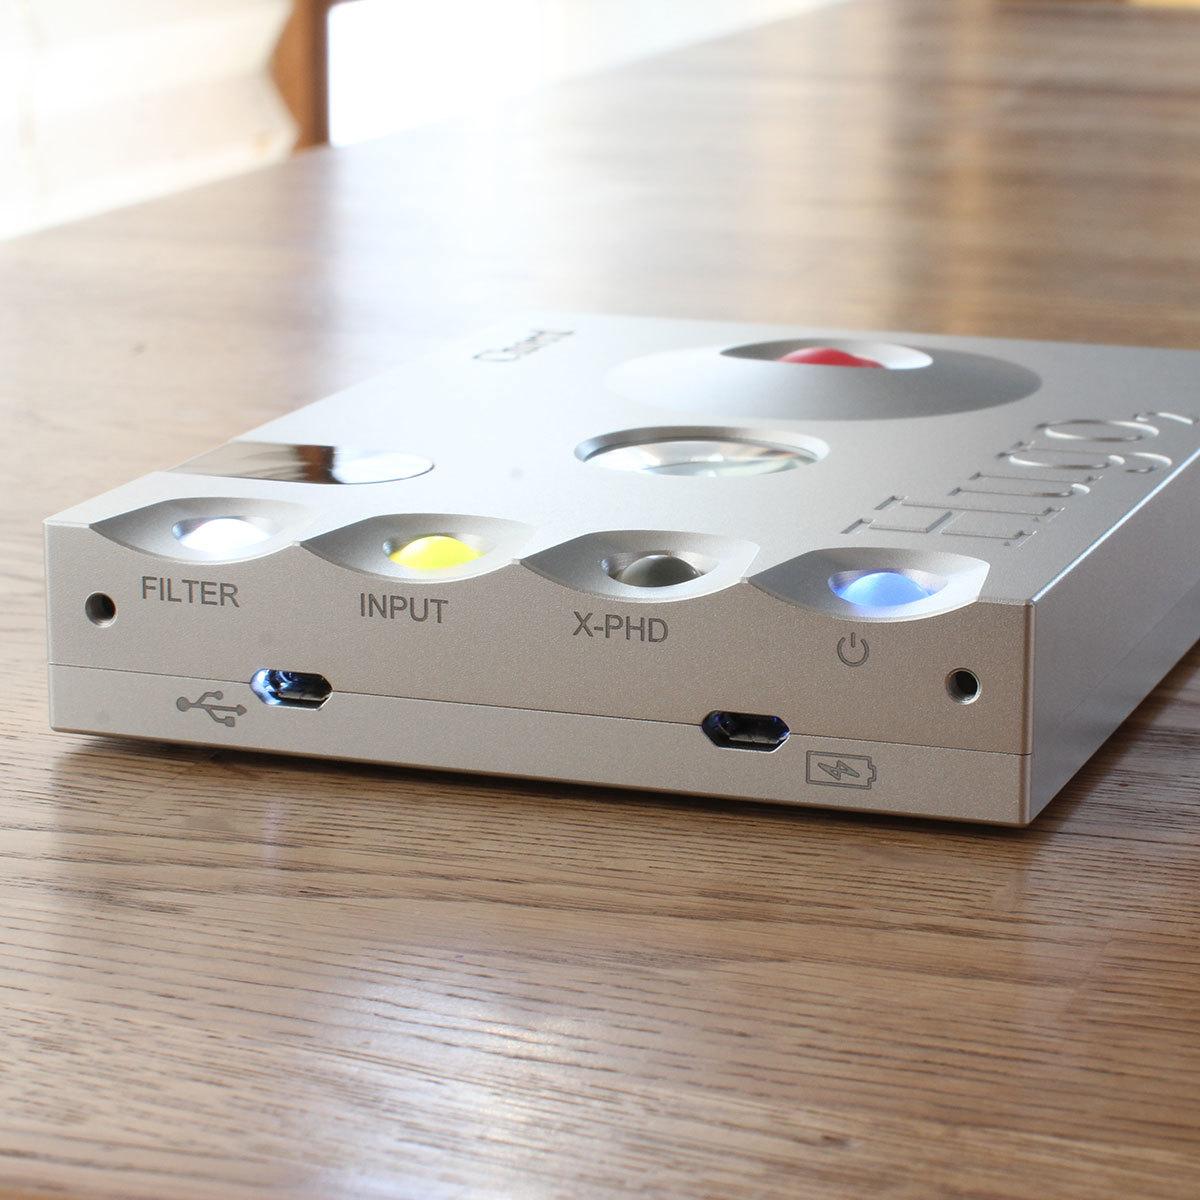 CHORD Hugo2 ヘッドホンアンプ ポータブルアンプ DAC 【美品】【送料無料】【 おまけ付き】_画像3